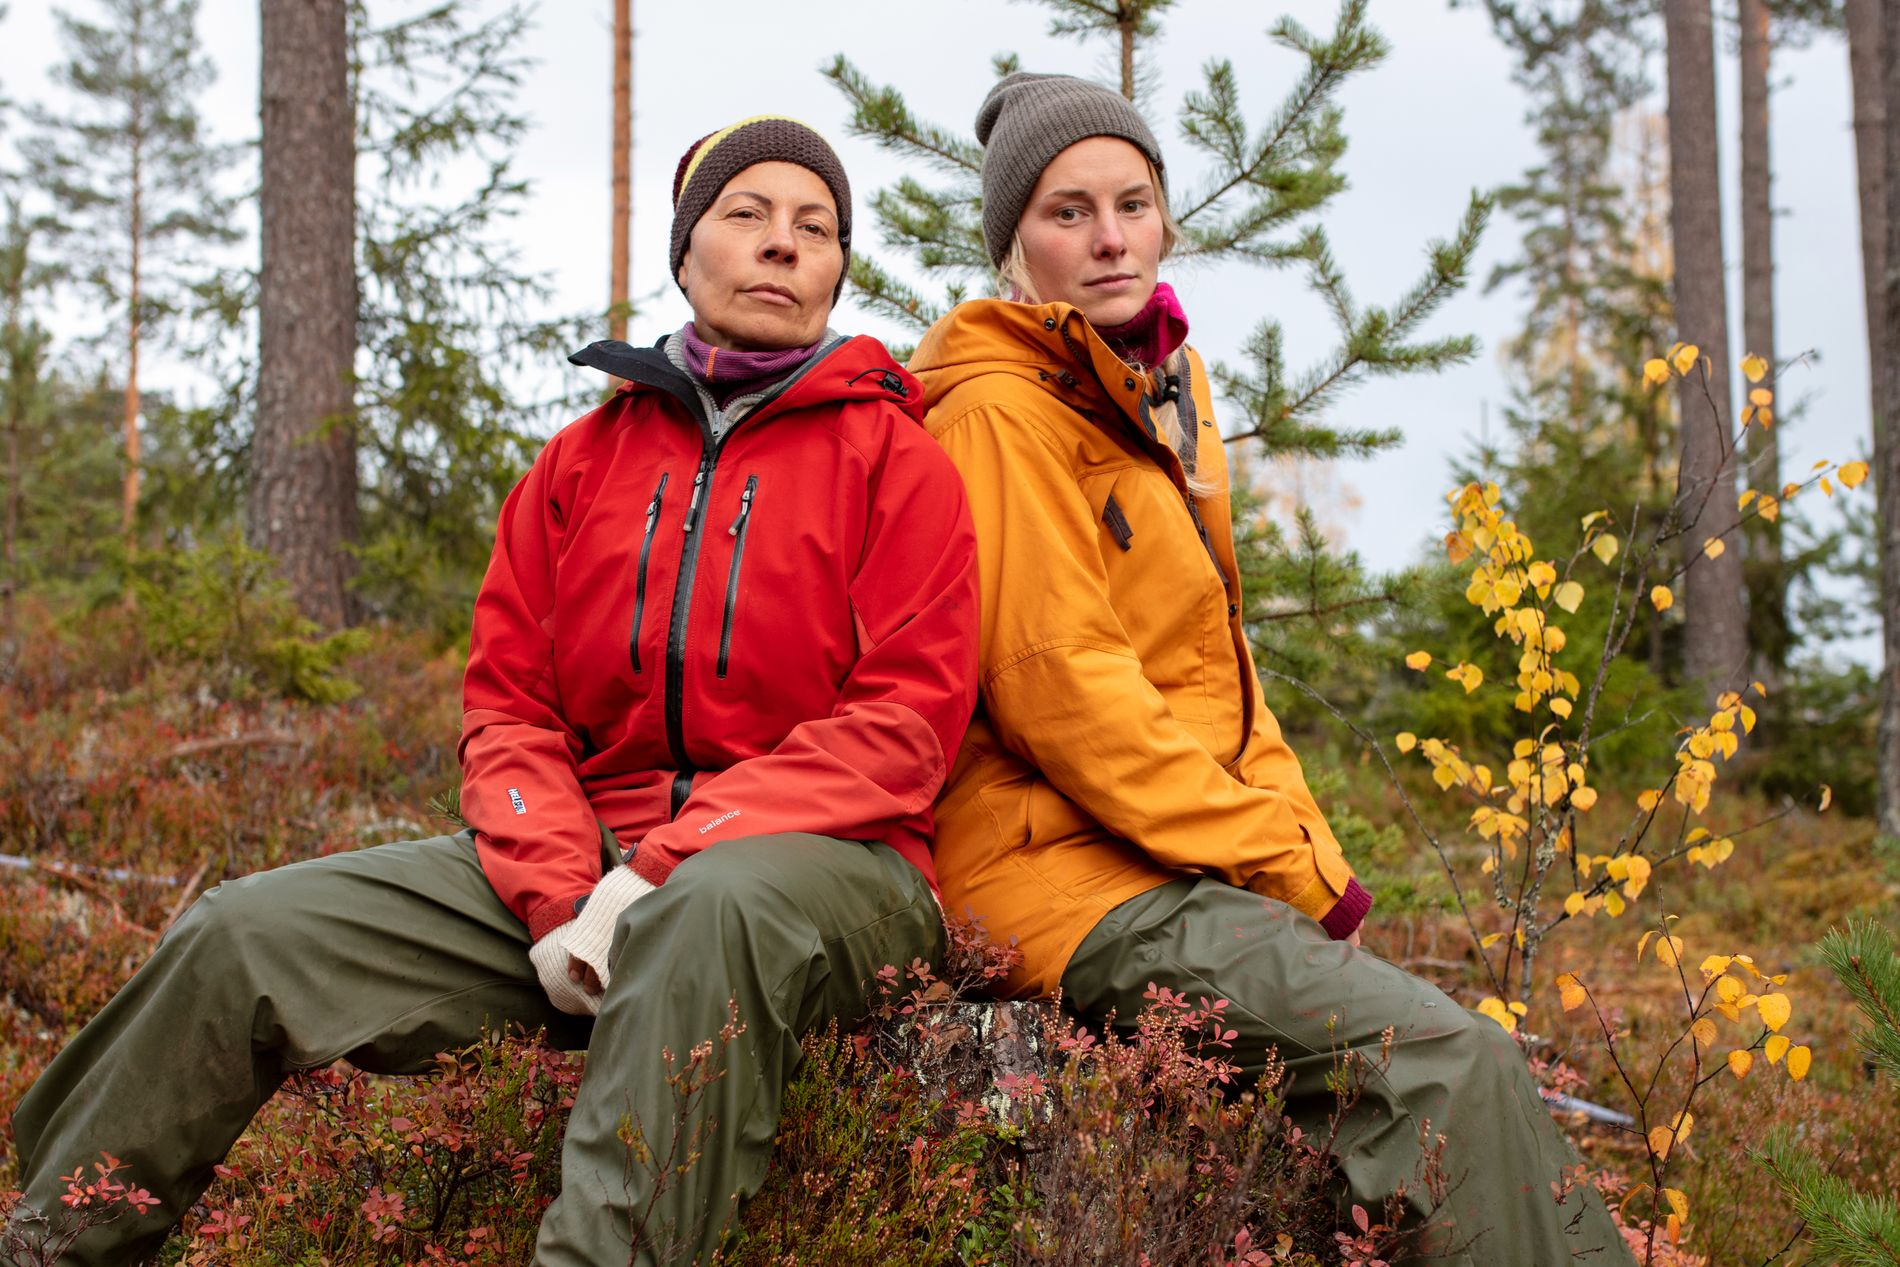 MØTTES TIL KAMP: Det var Sølvi Monsen og Lene Sleperud som måtte ut i tvekamp i søndagens «Farmen». Og det var Lene som til slutt gikk seirende ut av tautrekkingskonkurransen.